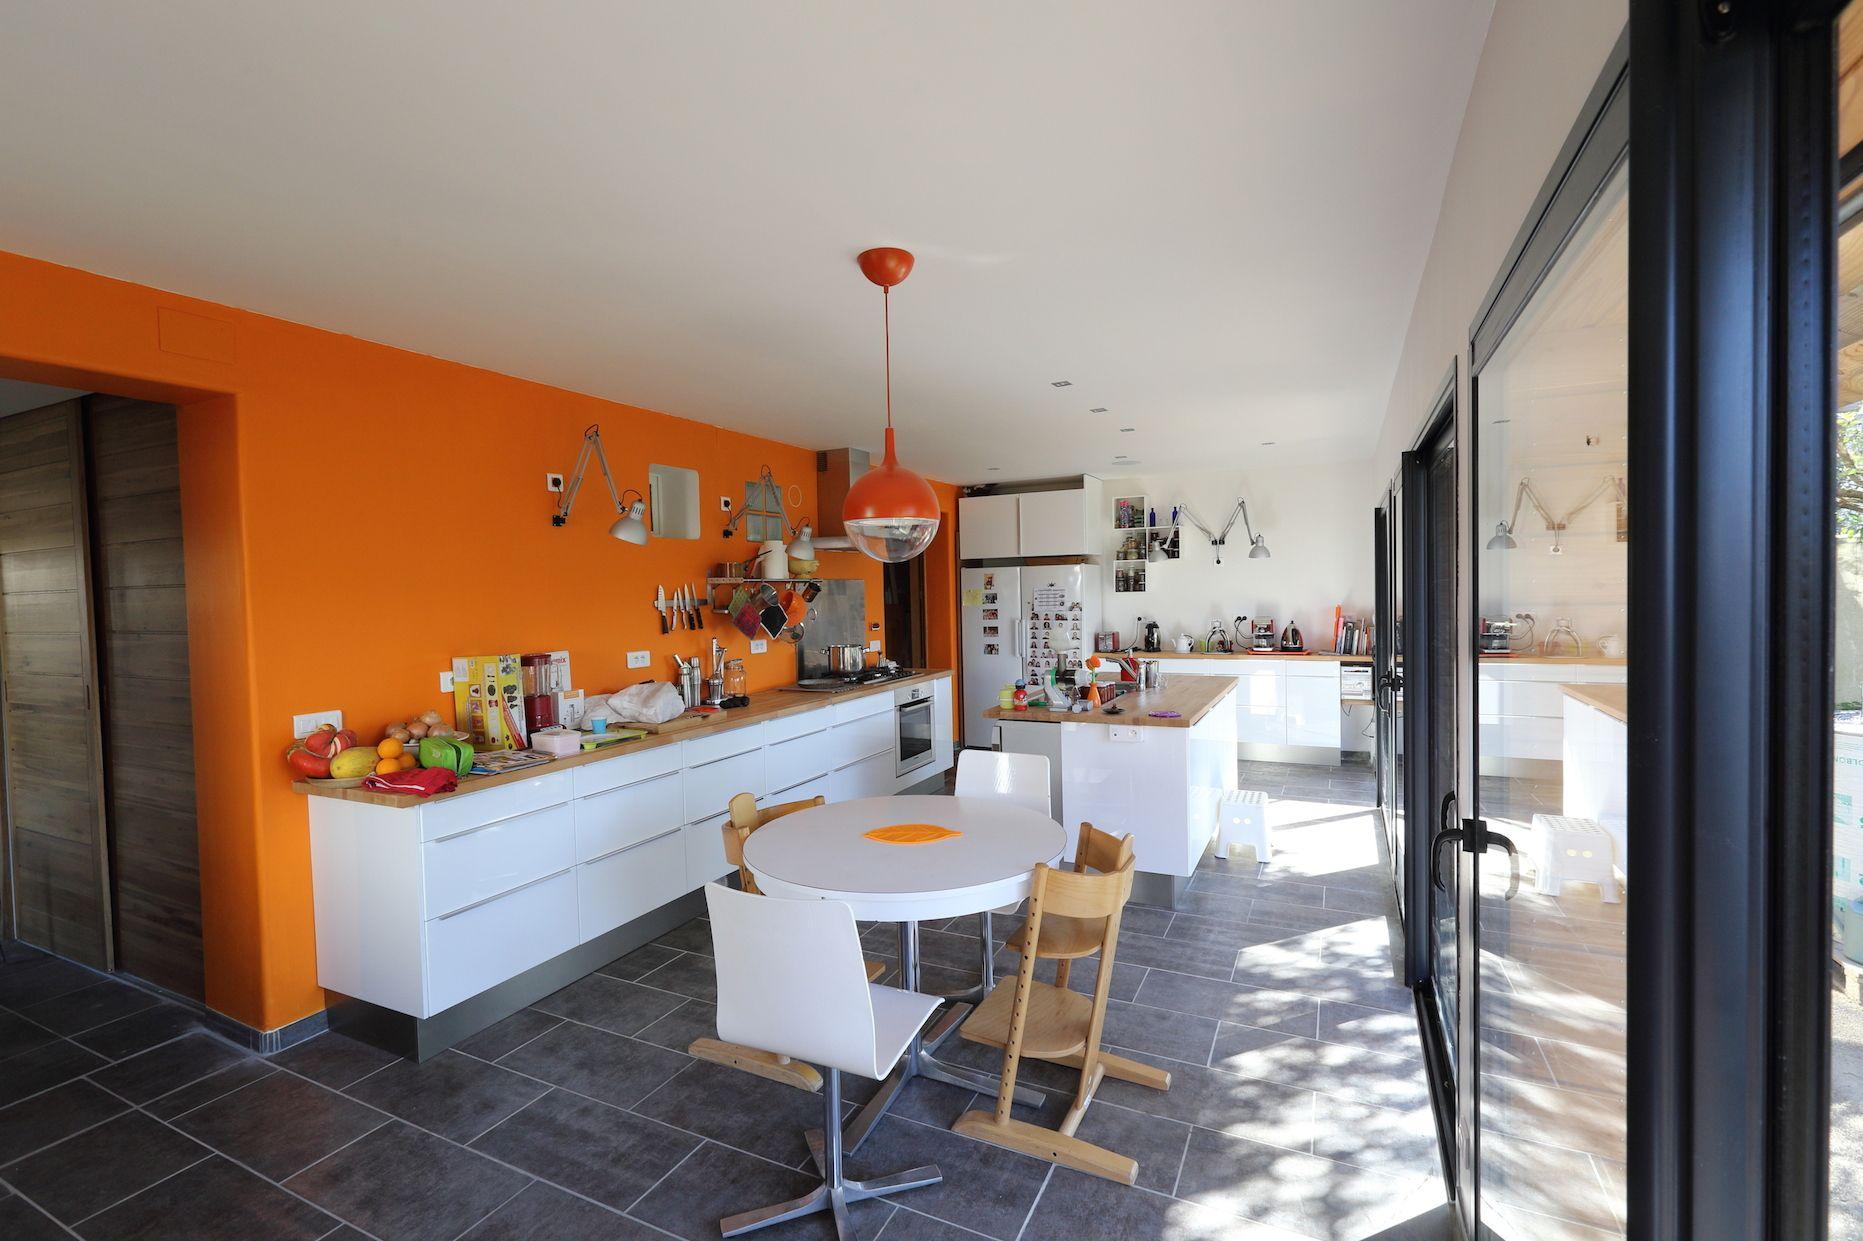 CUISINE ORANGE ET BLANCHE  Cuisine orange, Déco maison, Cuisine